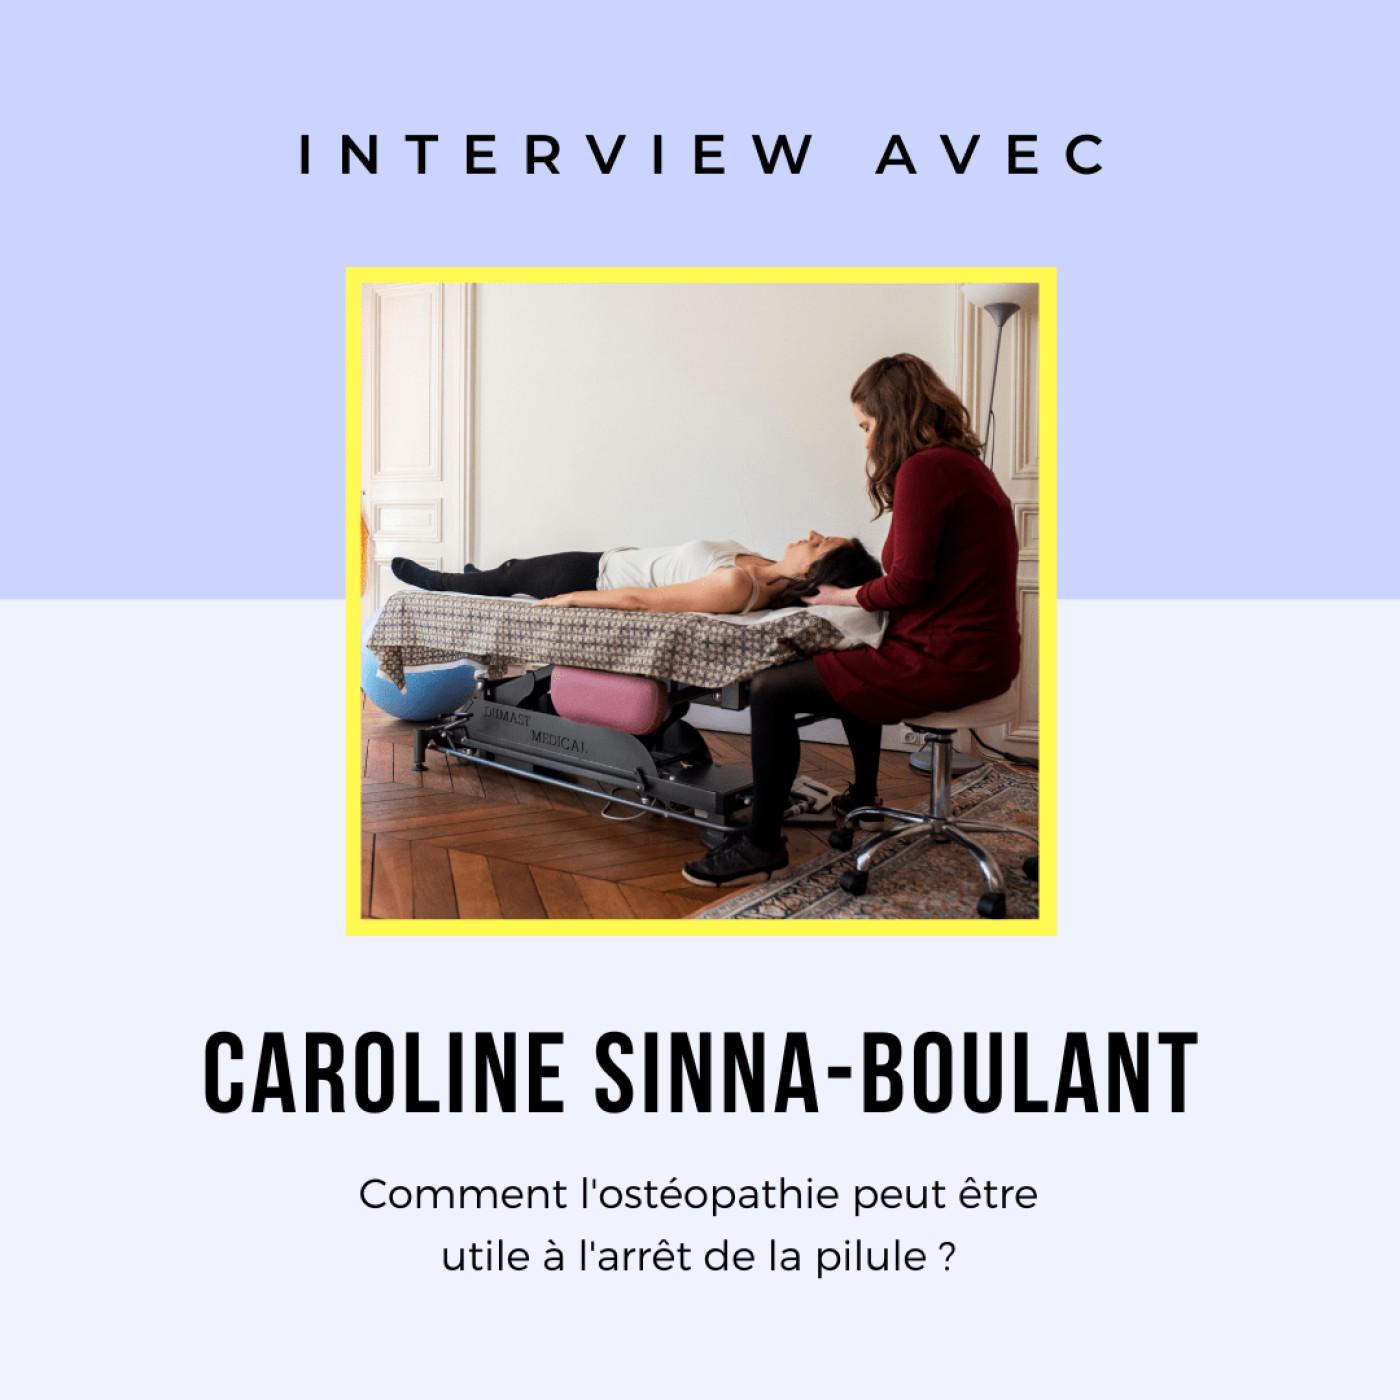 ITW#2 - Caroline Sinna-Boulant : Comment l'ostéopathie peut être utile à l'arrêt de la pilule ?